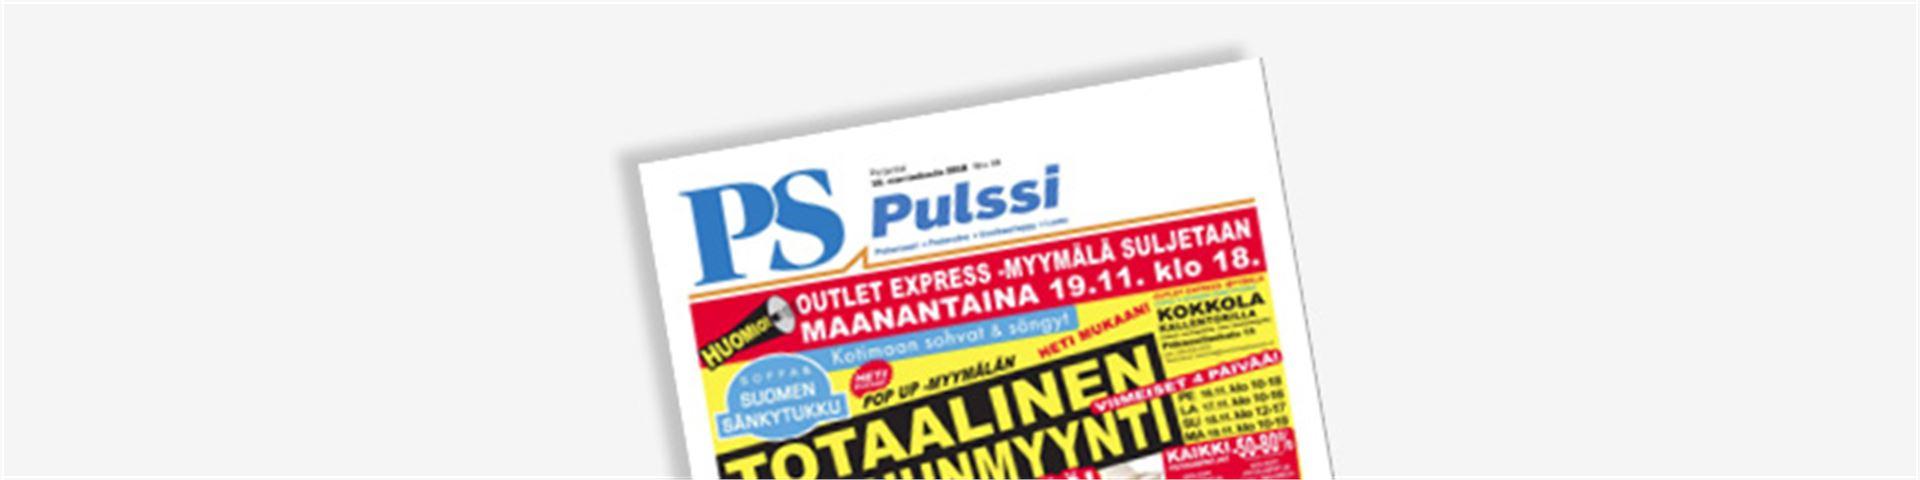 Pietarsaaren Sanomat & PS Pulssi